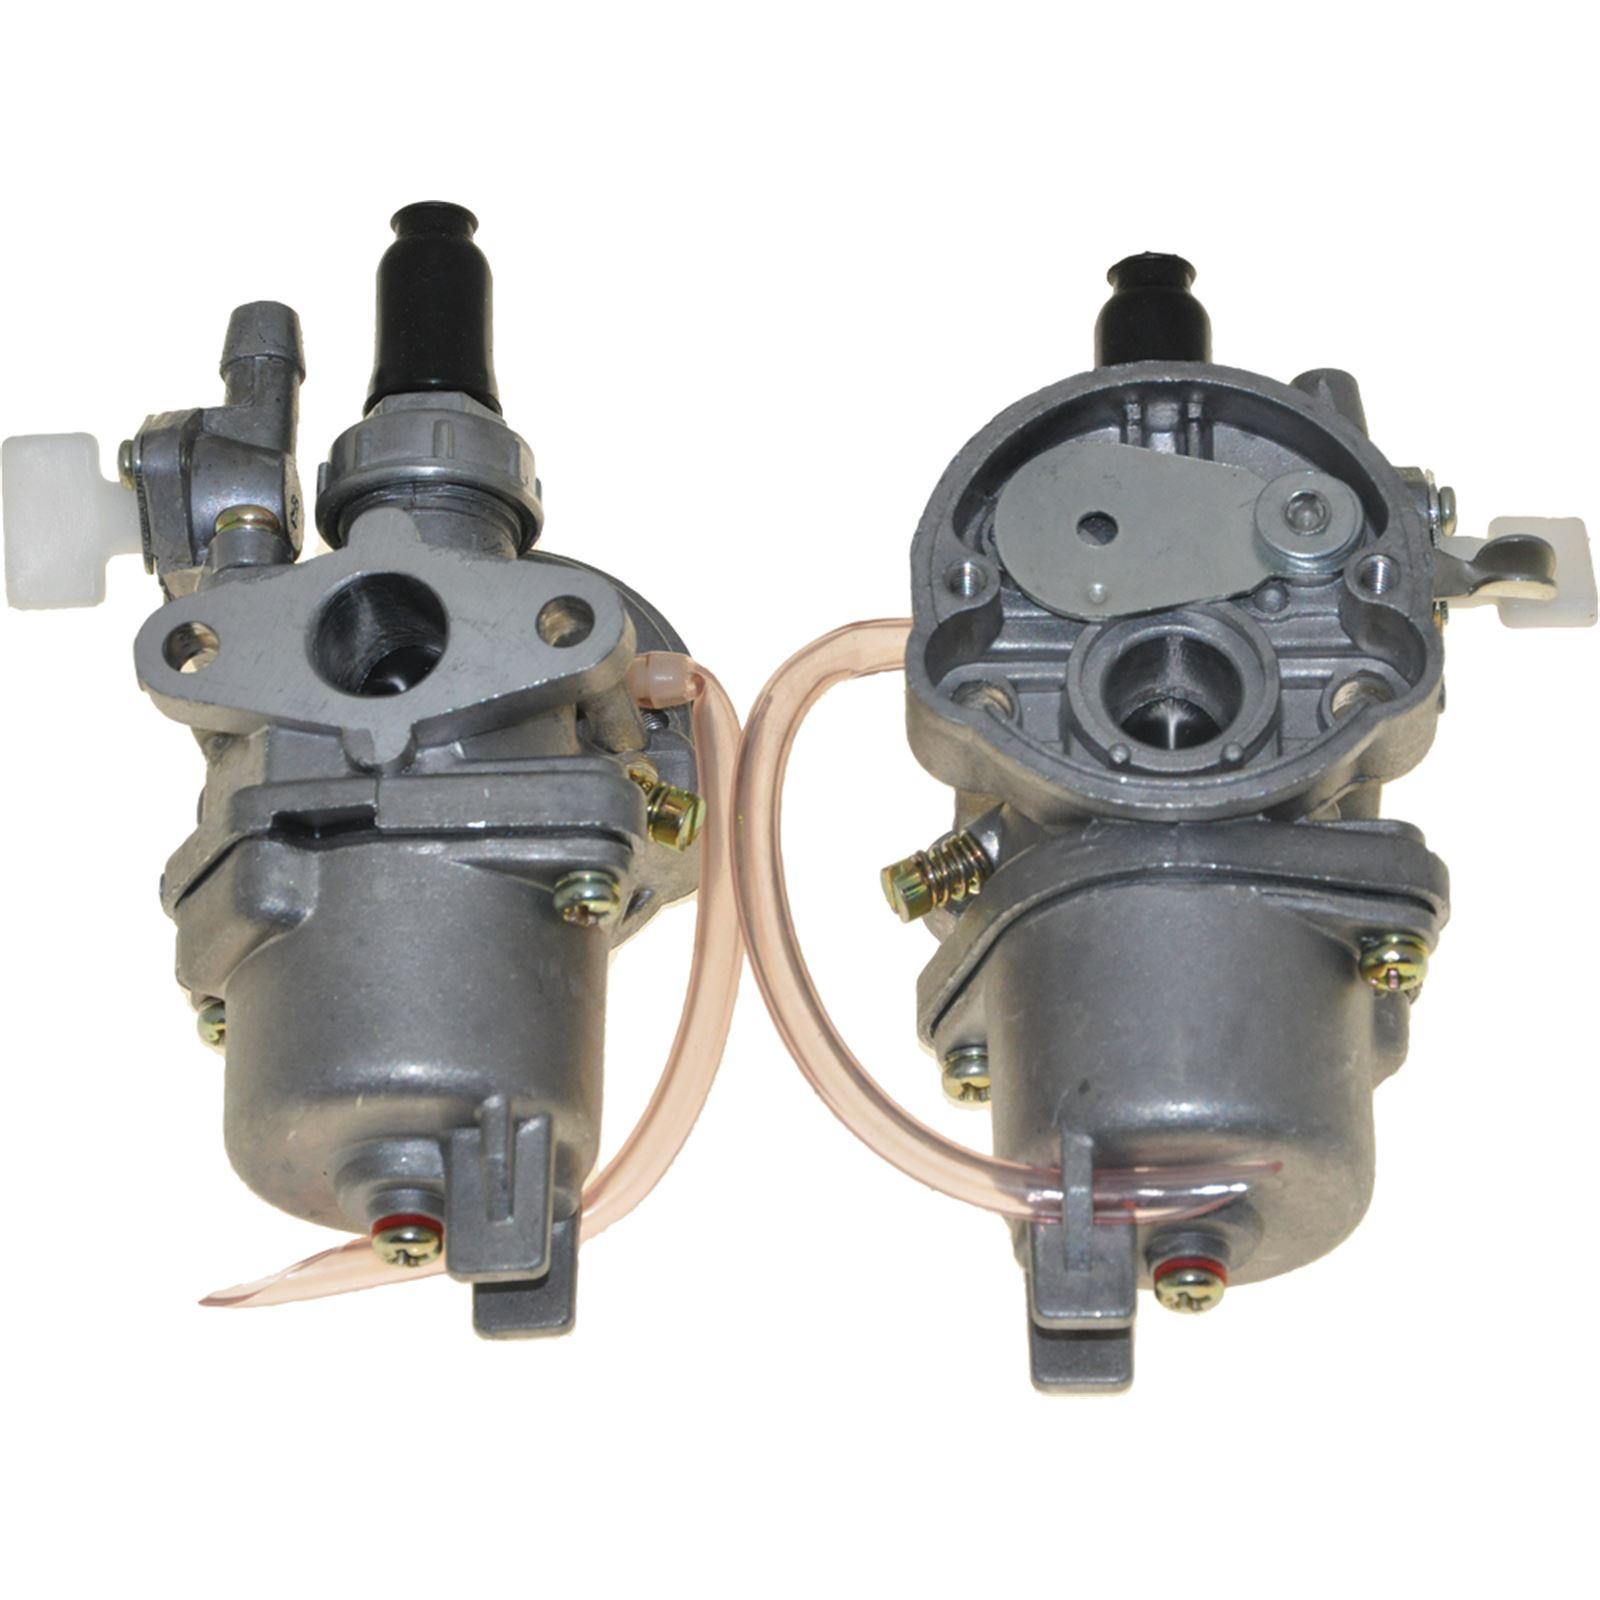 Outside MT-A1 Carburetor Gasket